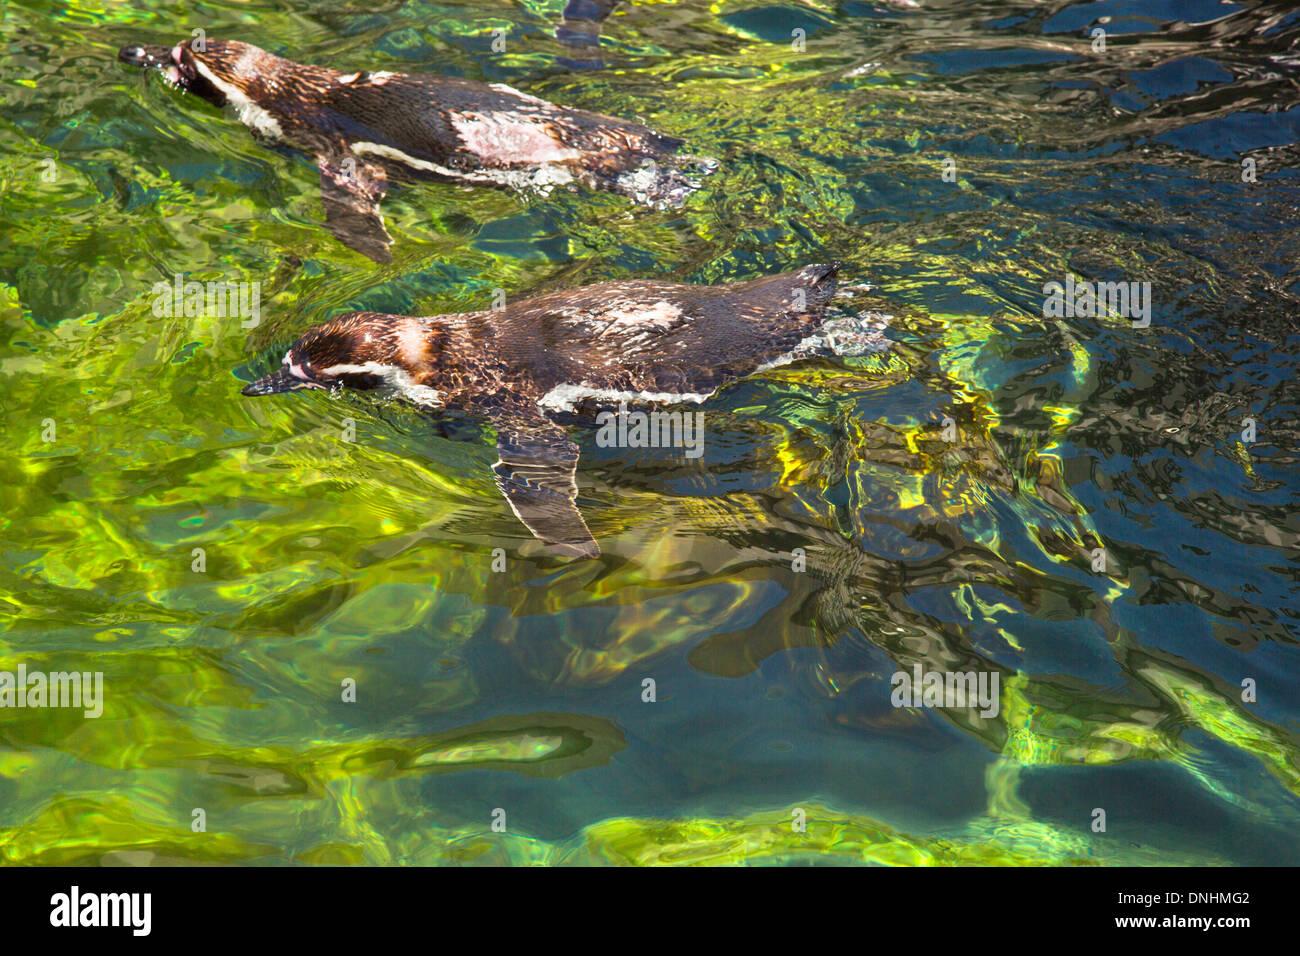 Portrait de manchots de Humboldt (Spheniscus Humboldt) natation dans un étang, le Zoo de Barcelone, Barcelone, Catalogne, Espagne Banque D'Images